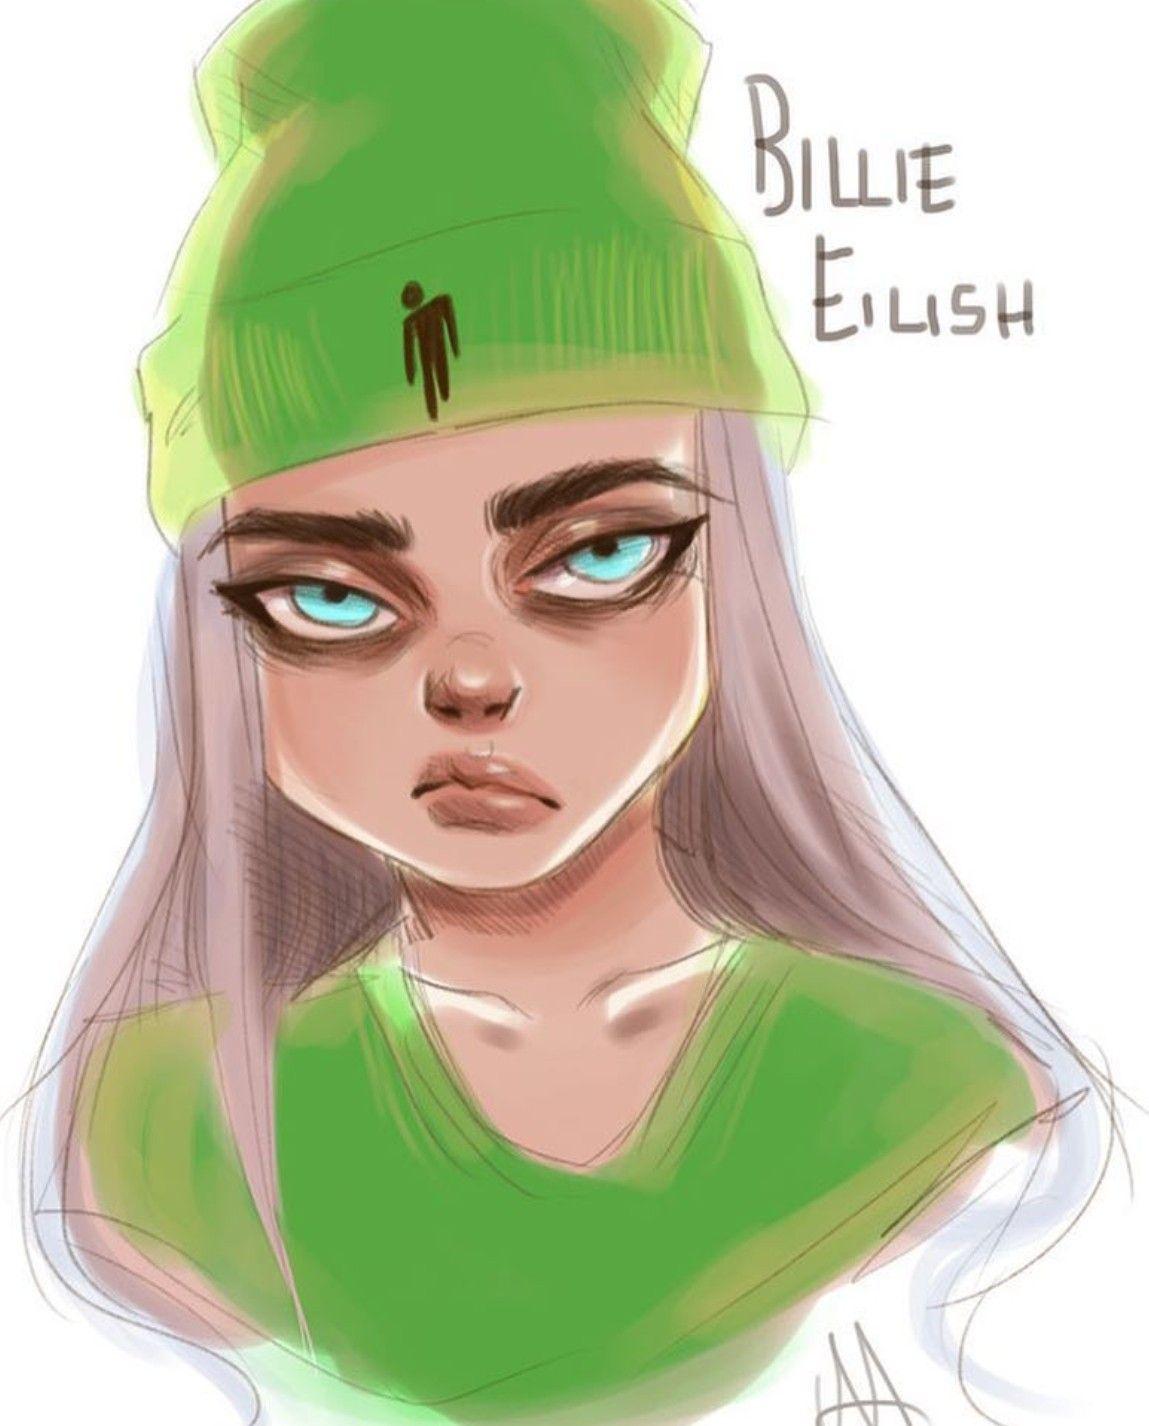 Billie Eilish Art With Images Billie Eilish Billie Cartoon